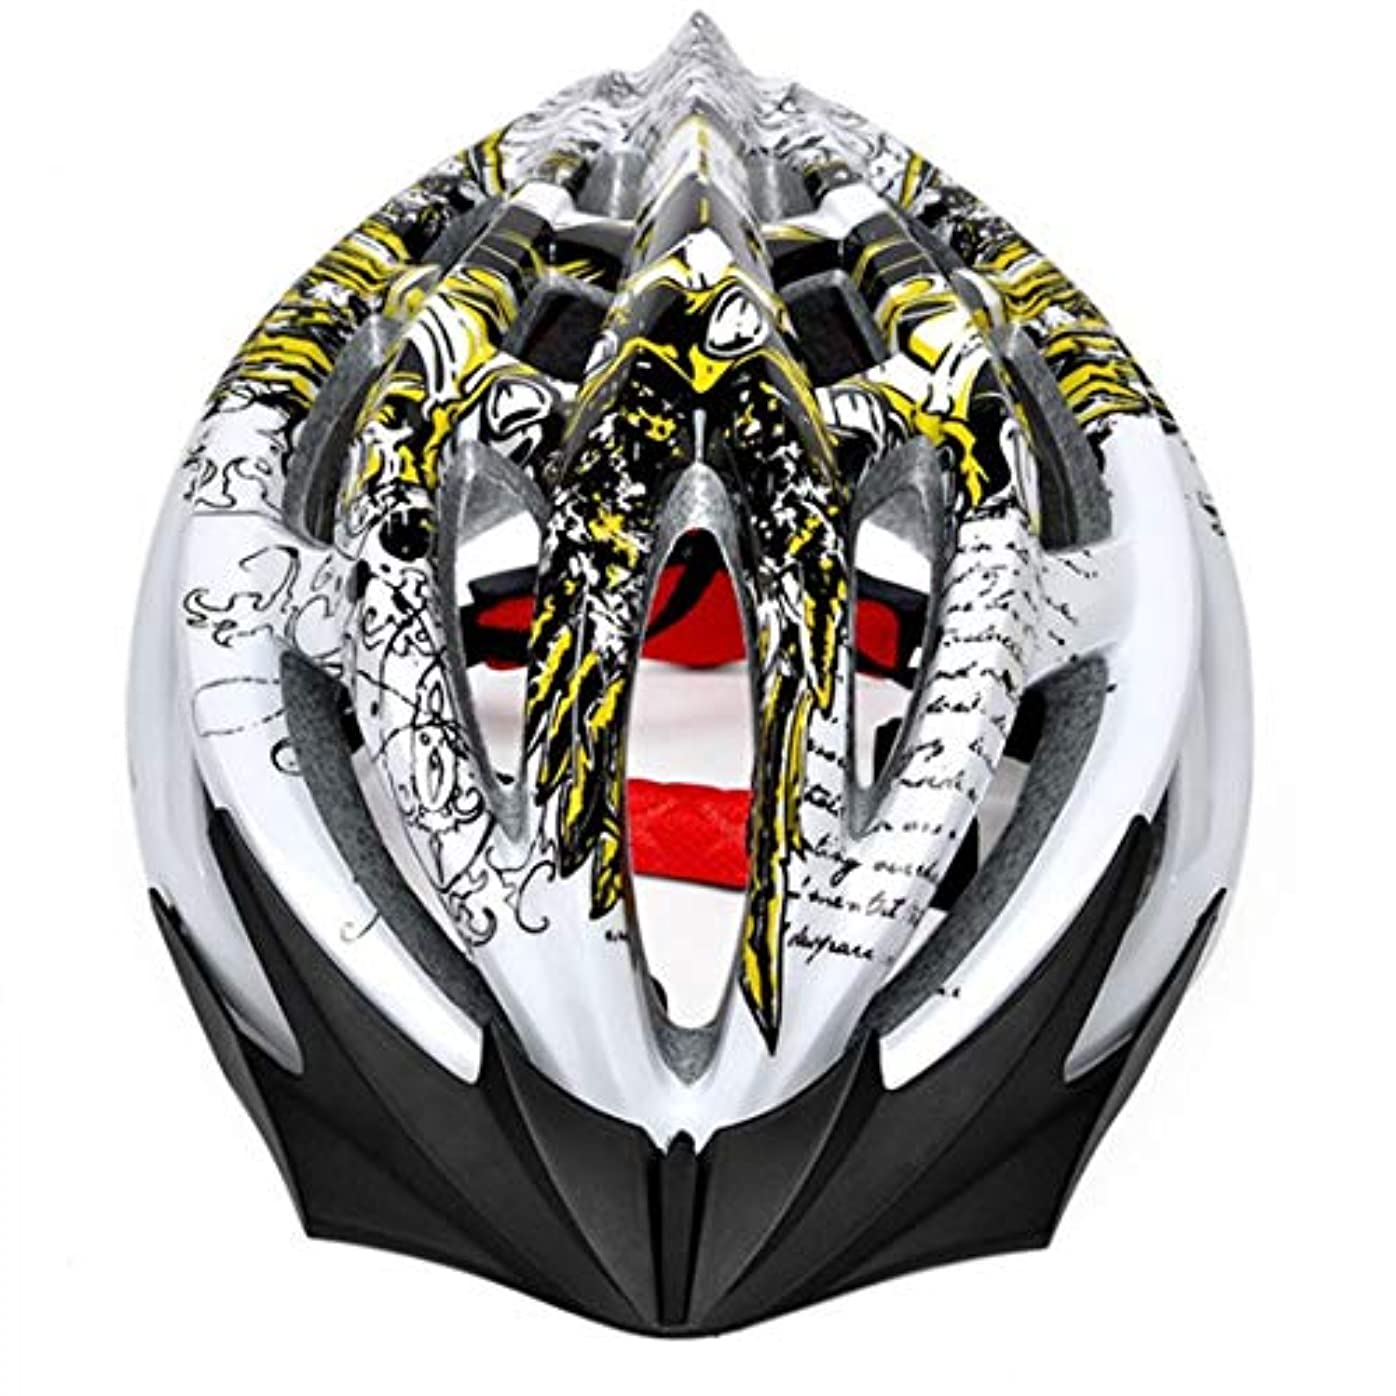 アンドリューハリディ視線アグネスグレイCAFUTY 自転車用ヘルメット、屋外用サイクリング愛好家に最適な自転車用安全ヘルメット。 (Color : イエロー, サイズ : One size)